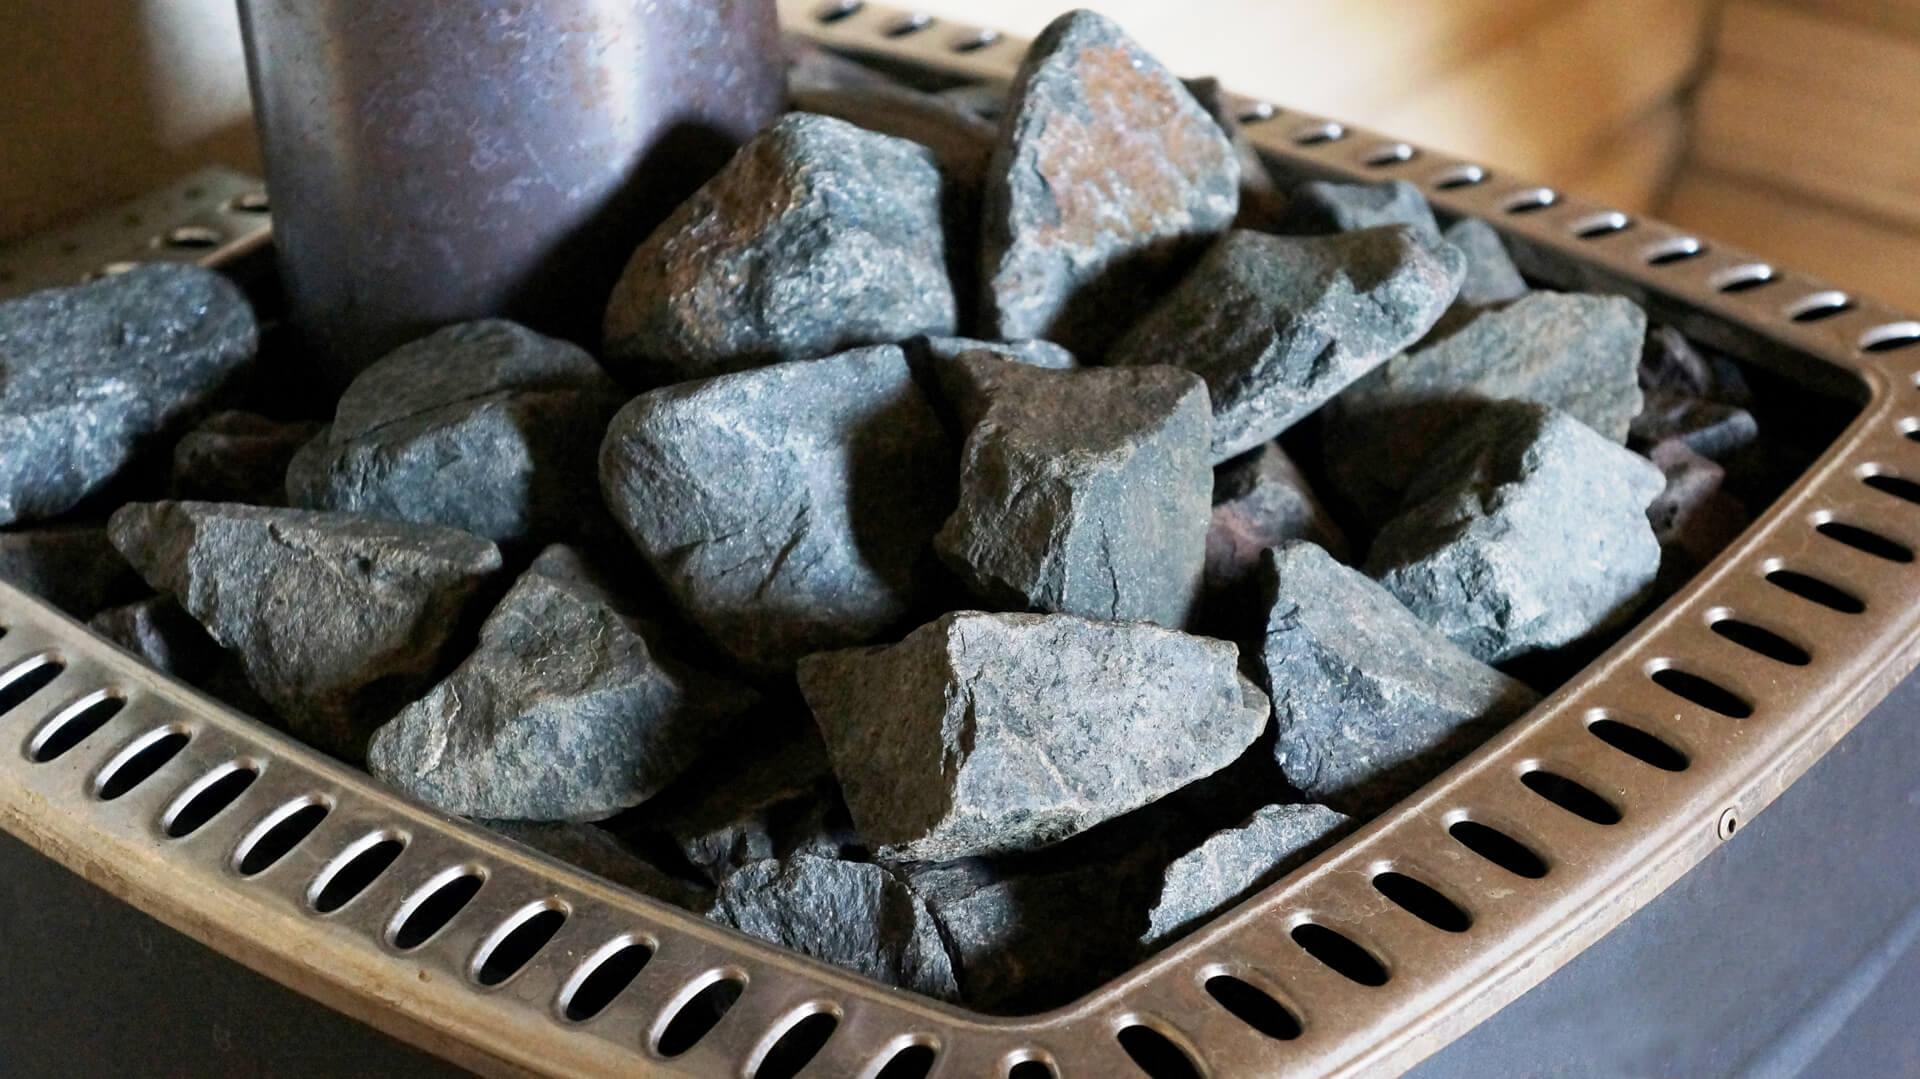 палец какие камни подходят в банную печь фото резкости определяет